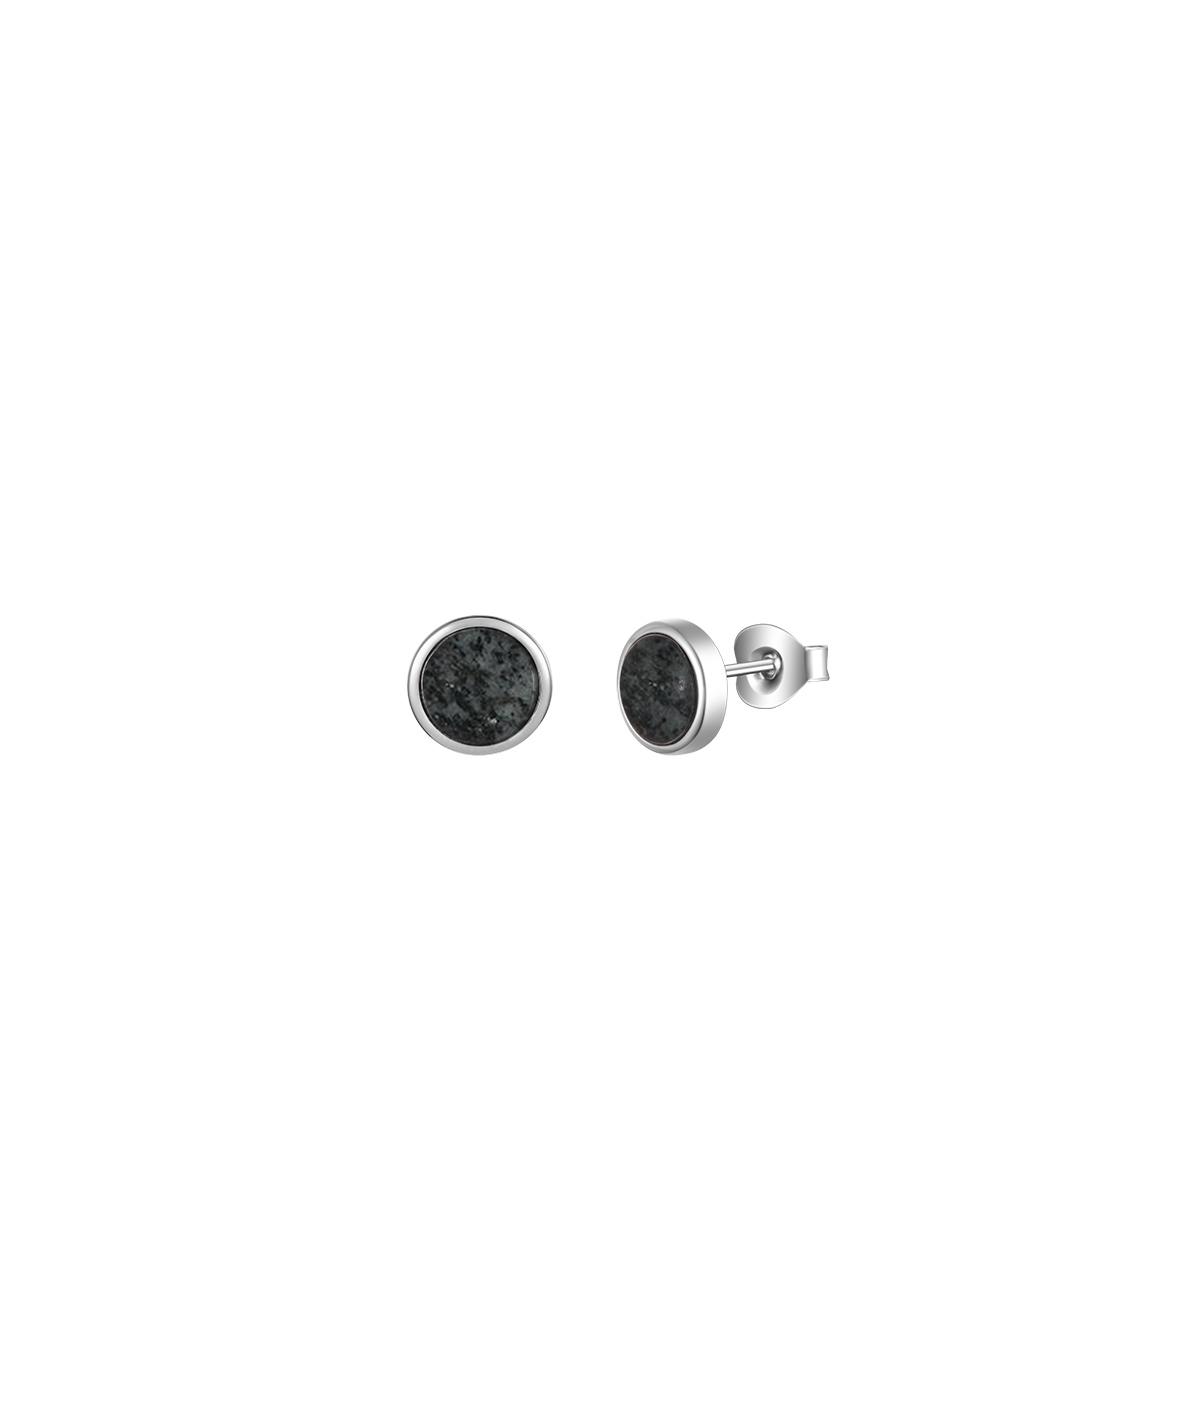 4mm Round studs